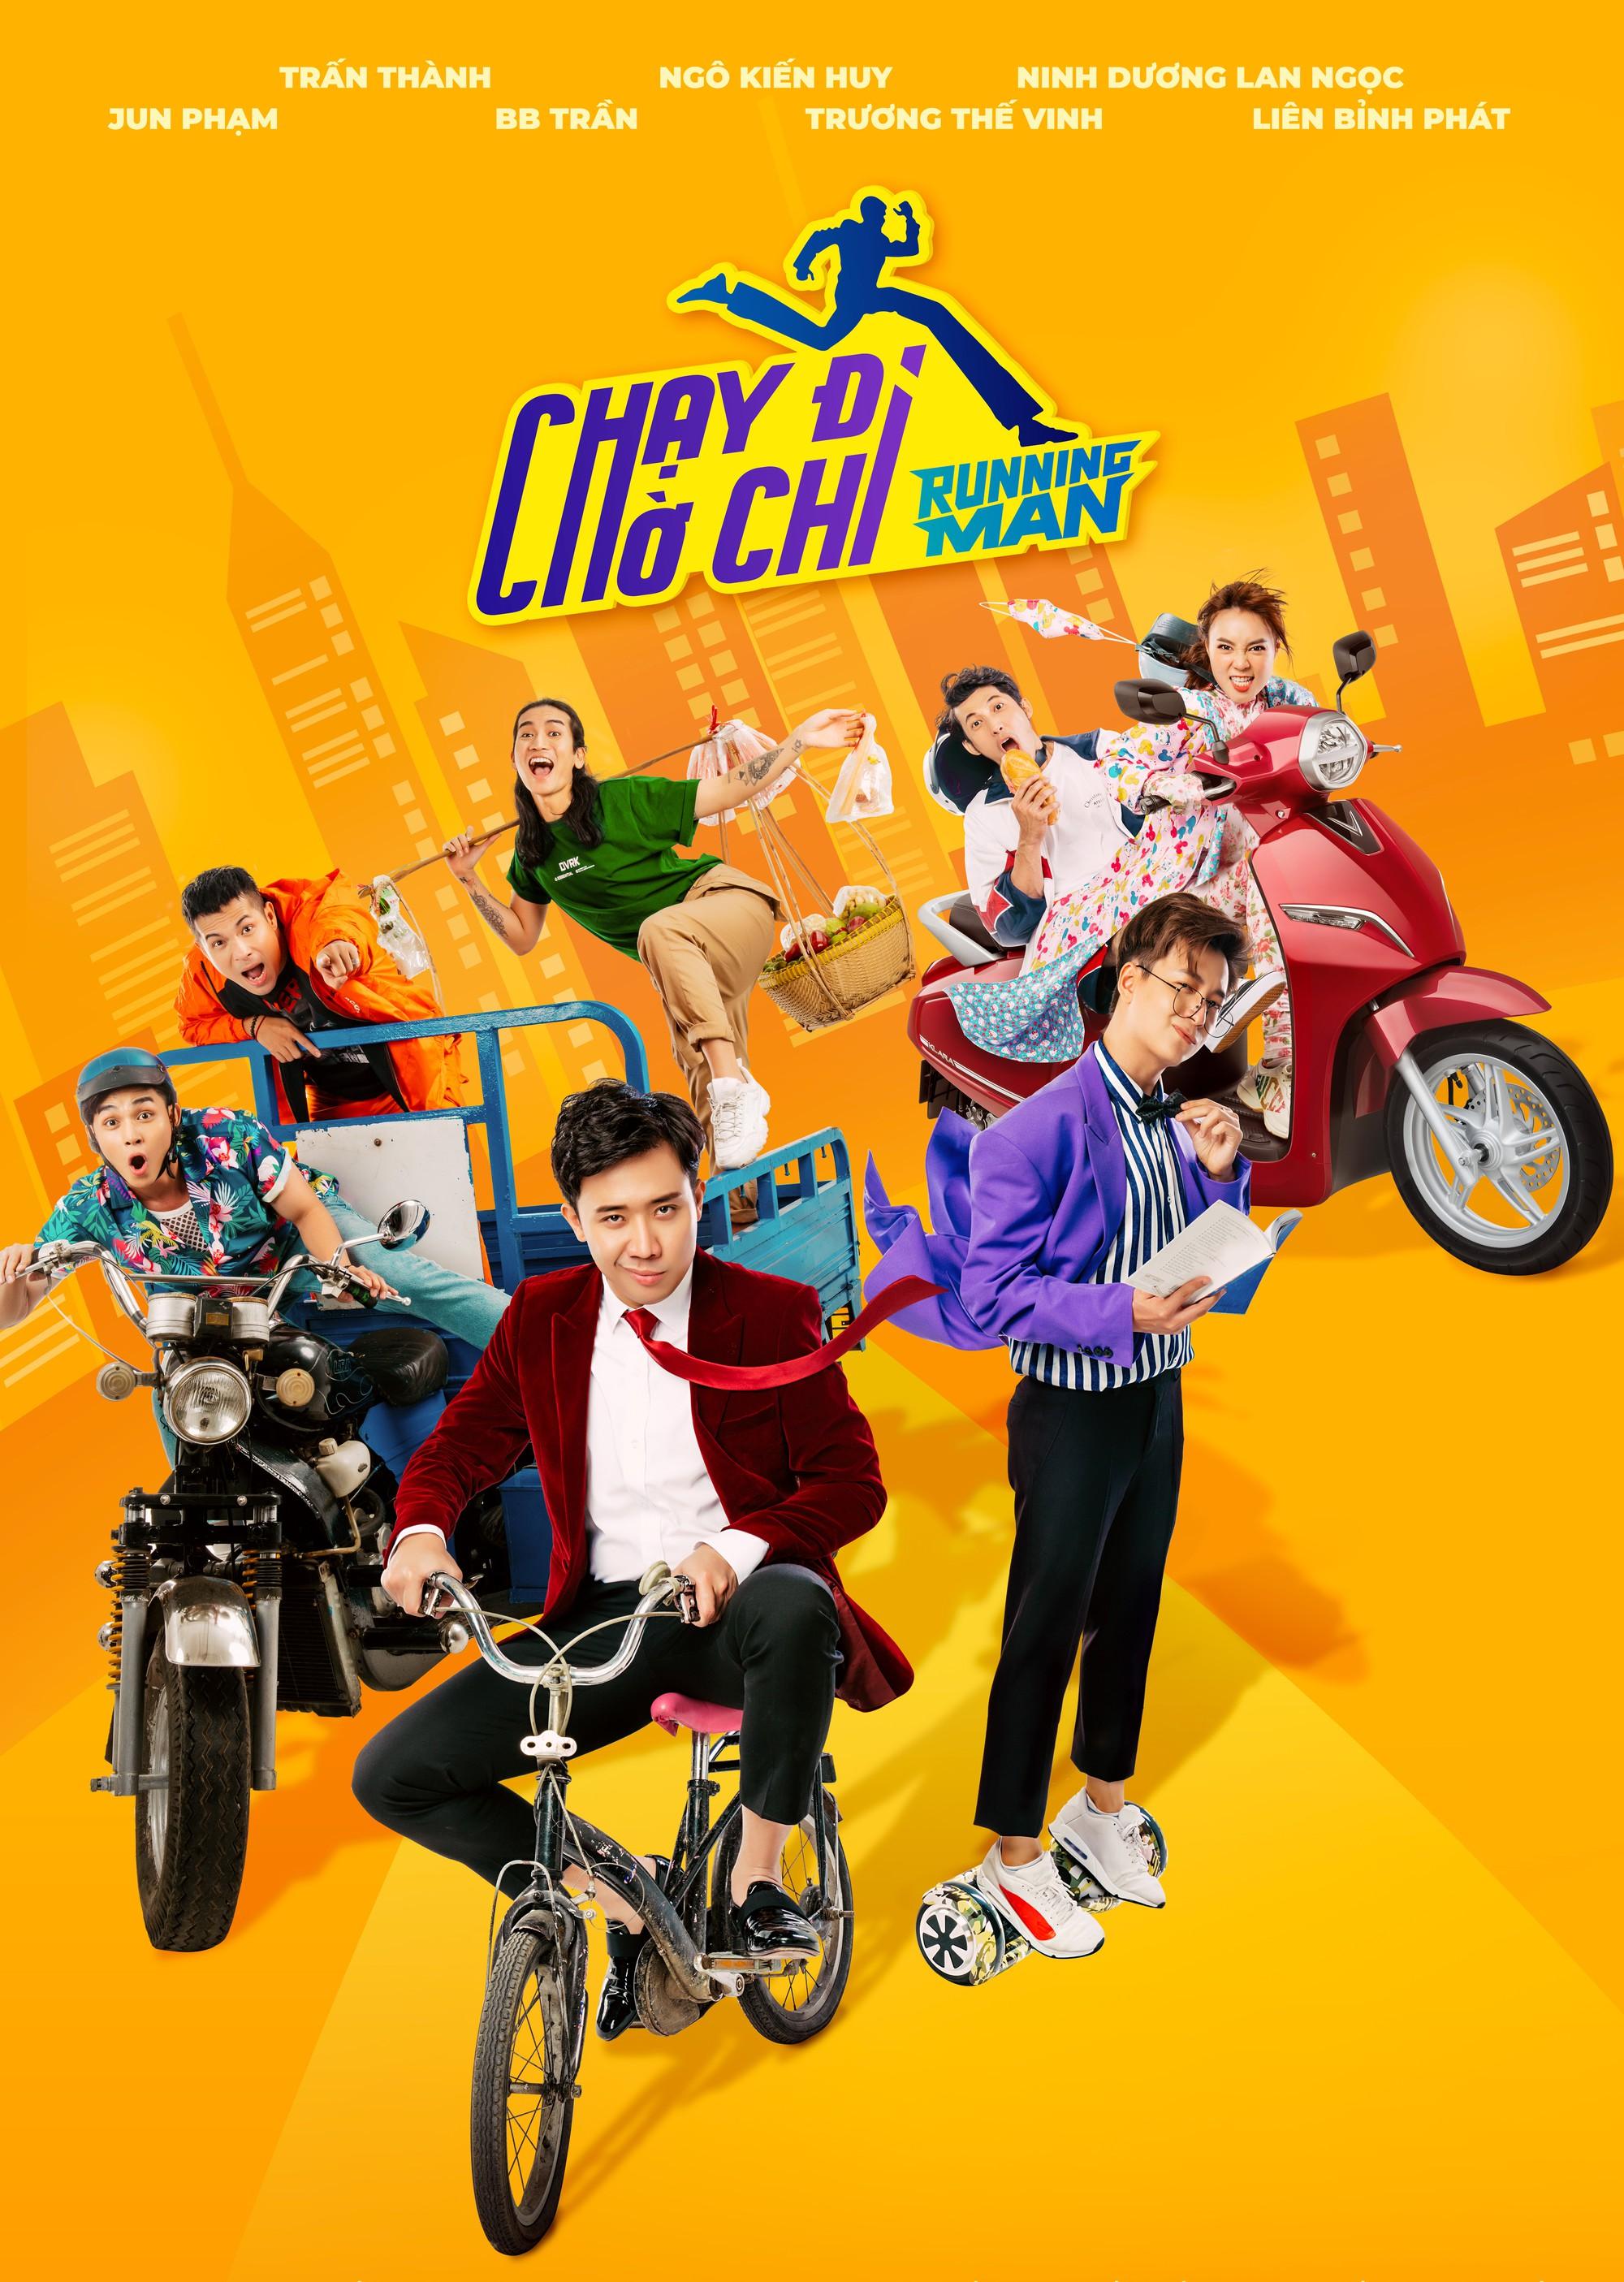 Khui loạt loveline của Running Man Việt trước giờ lên sóng, đáng nghi nhất là cặp cuối cùng! - Ảnh 5.